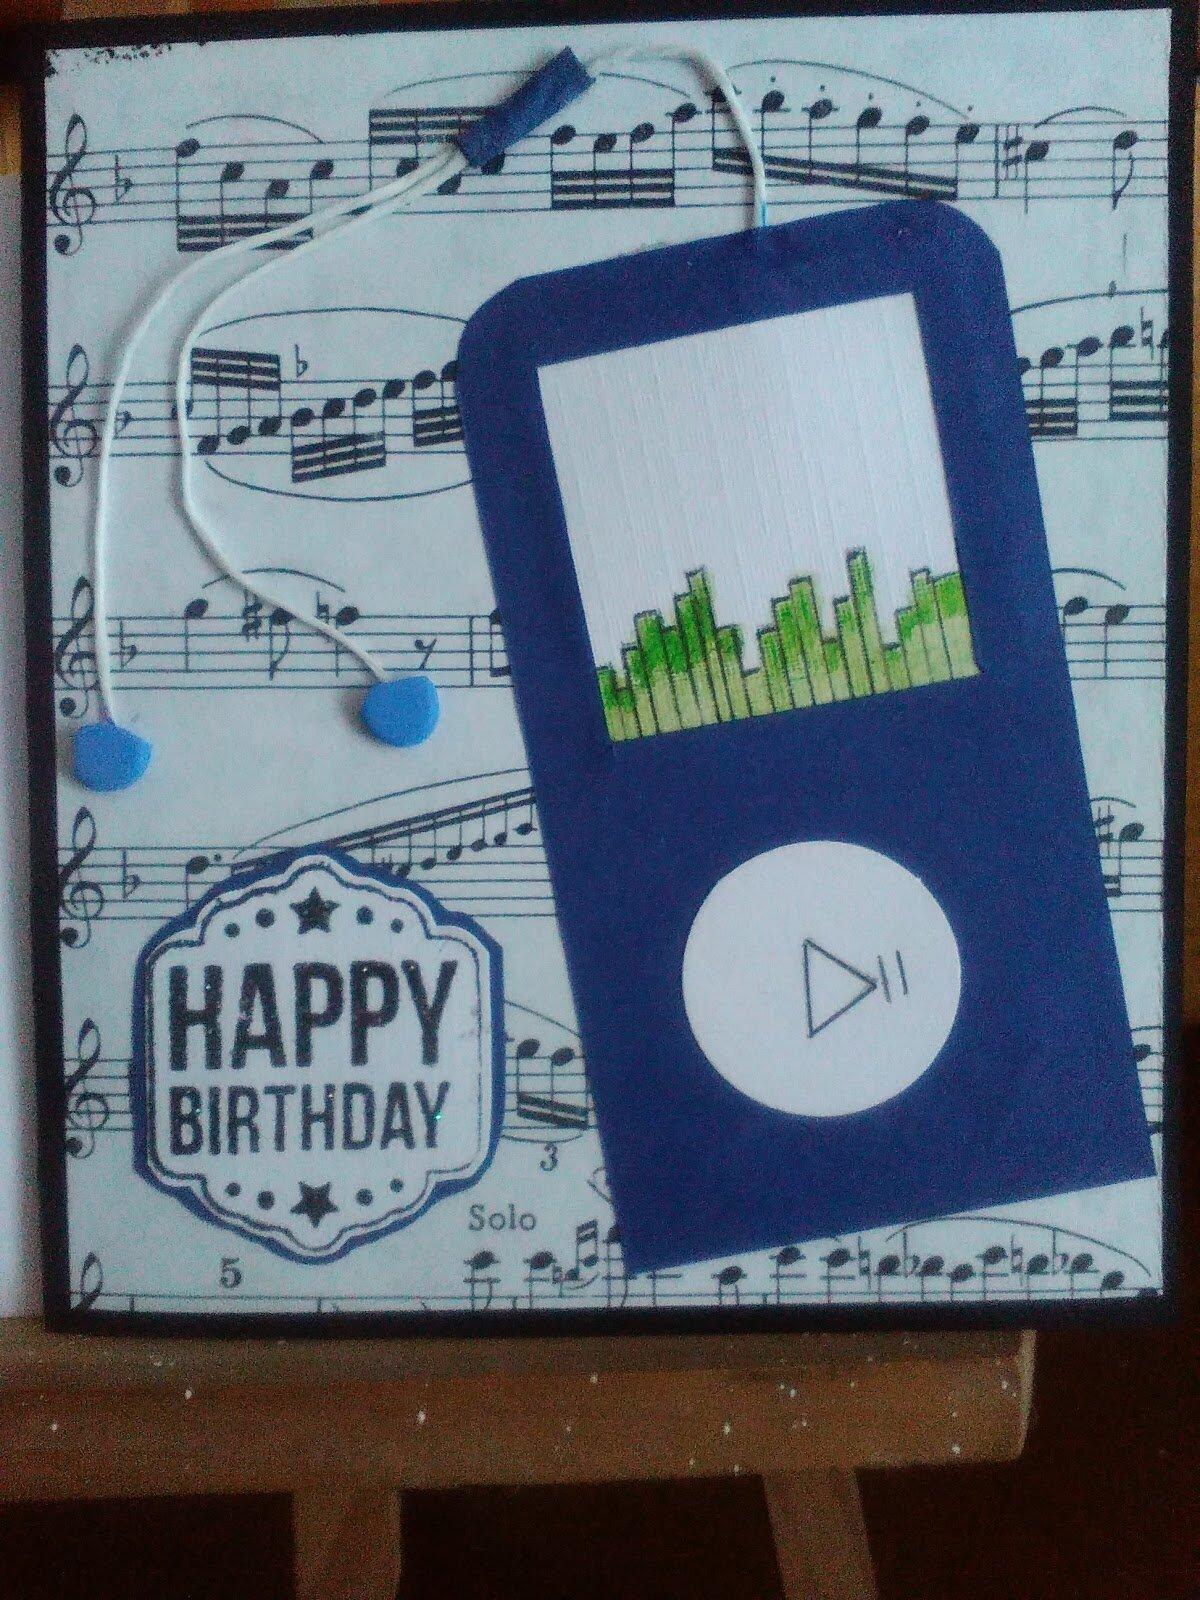 Un MP3 sur une carte d' anniversaire